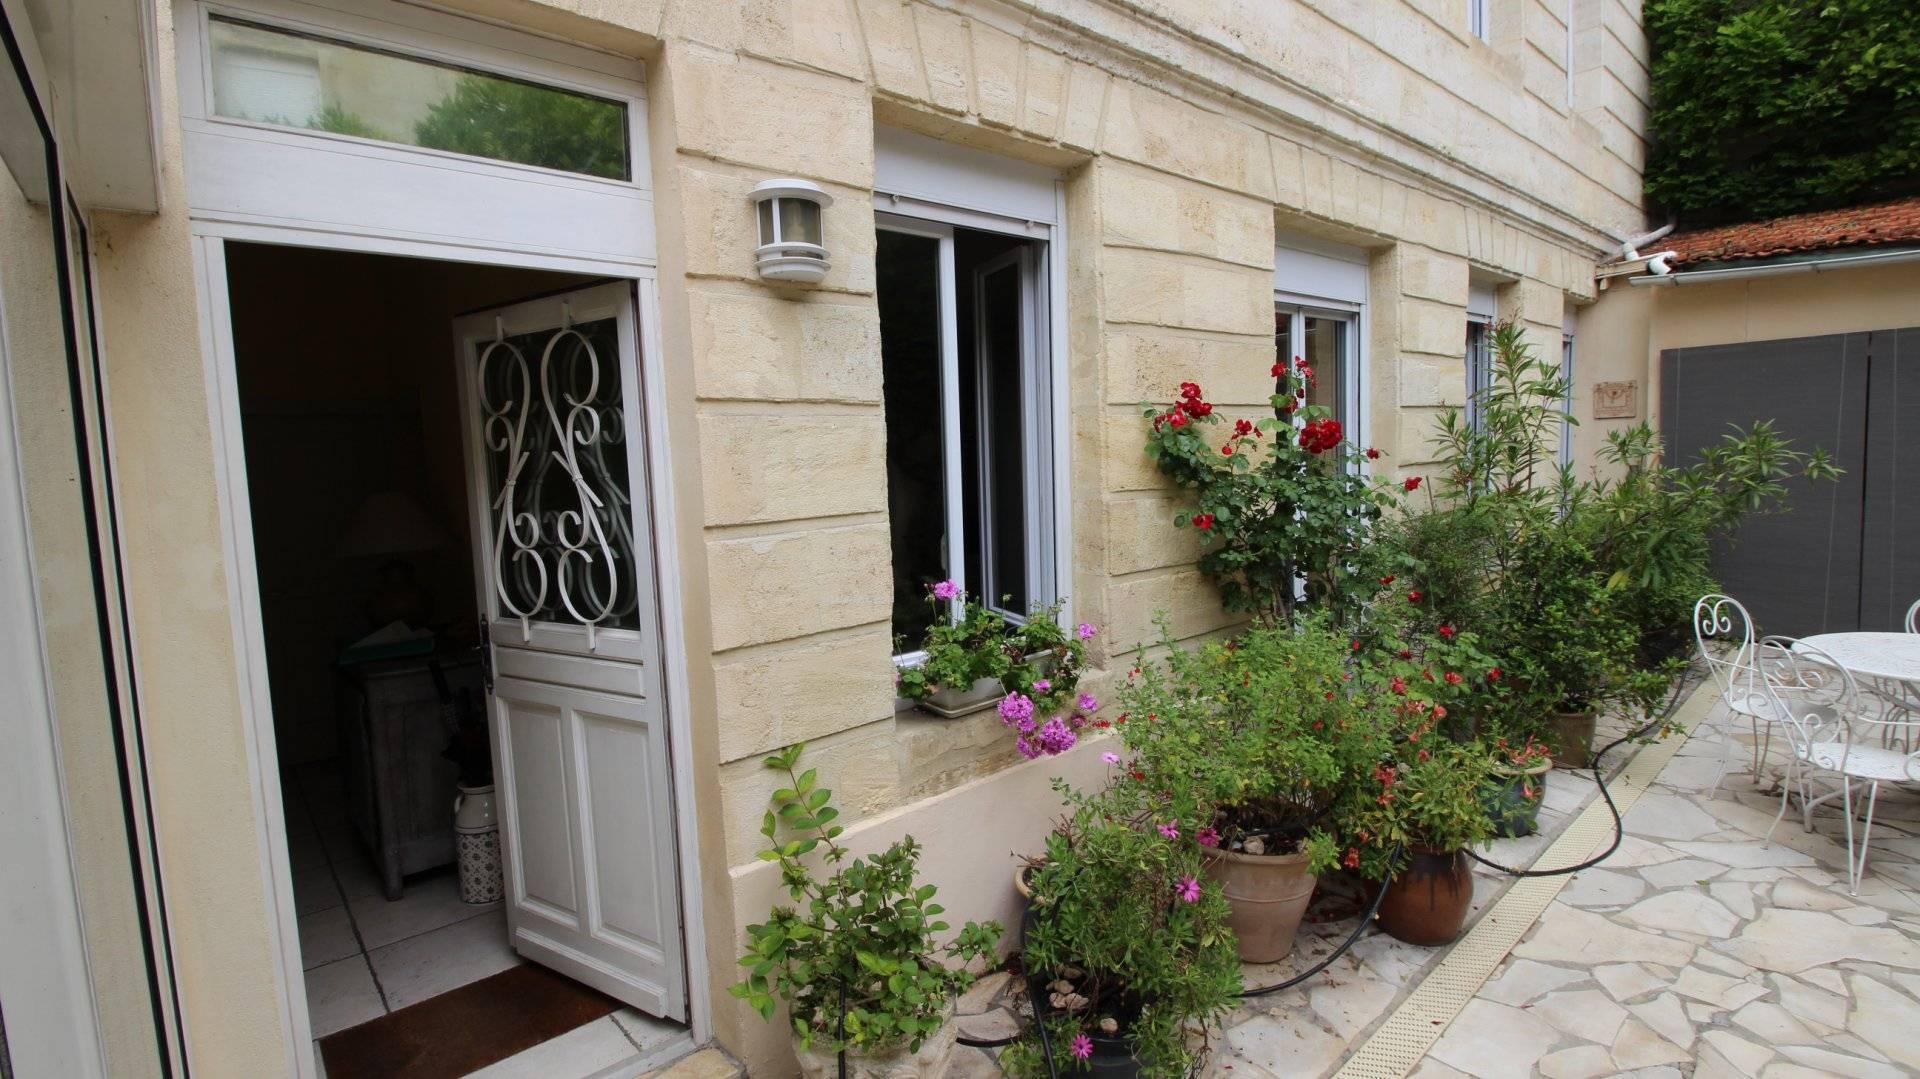 Maison girondine de charme a vendre BORDEAUX CENTRE